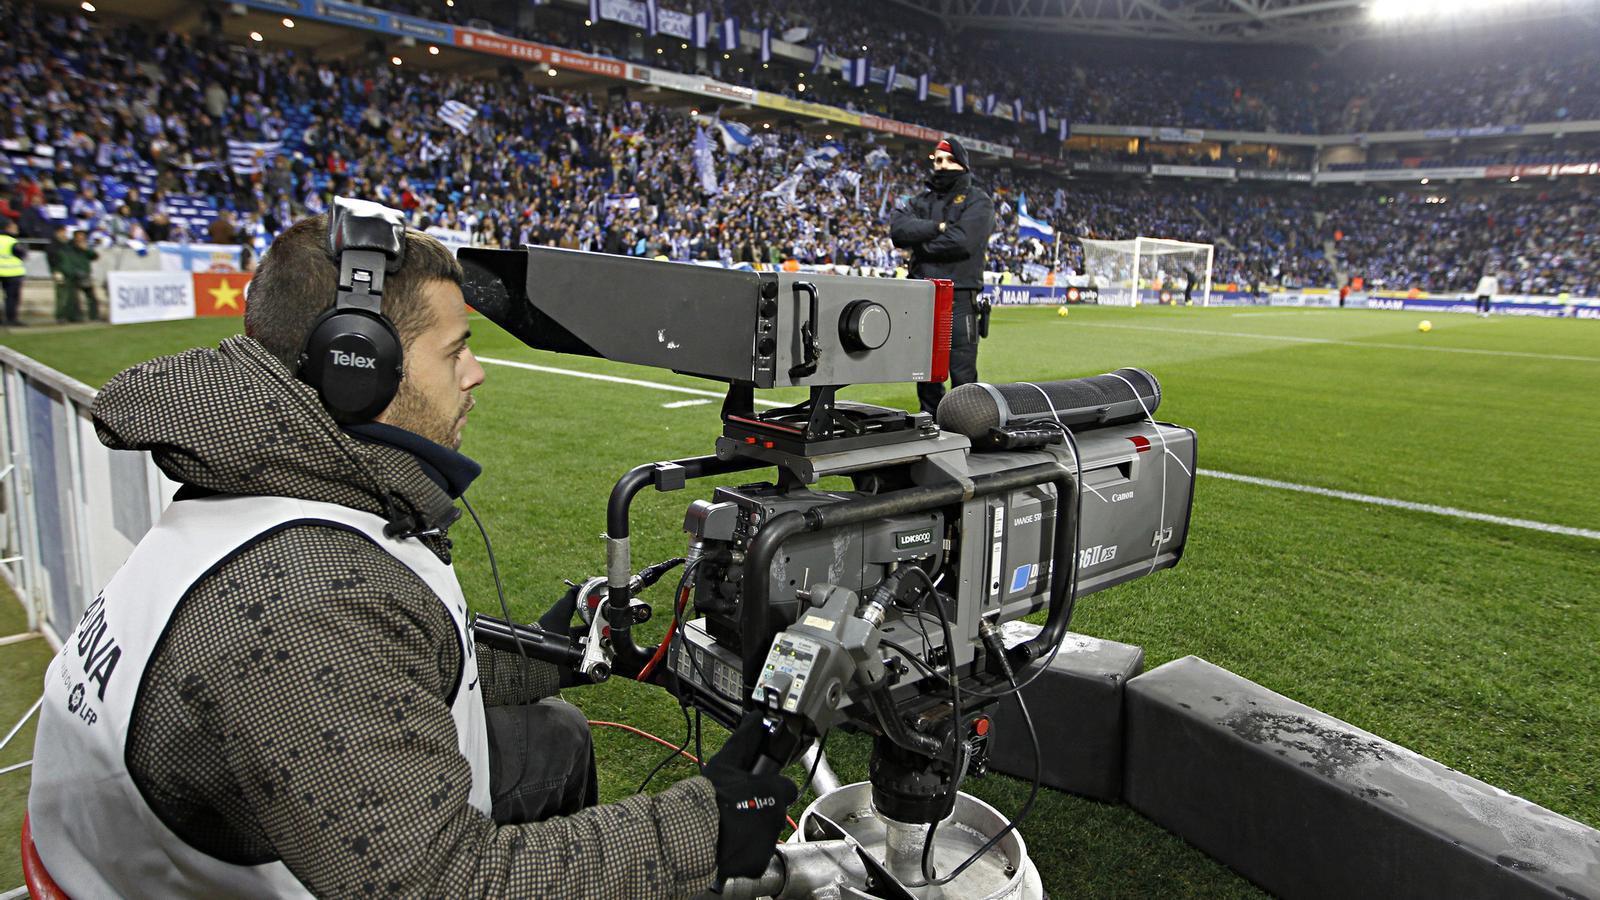 Futbol de pagament Un càmera durant la retransmissió d'un partit de l'Espanyol a Cornellà-el Prat. La Lliga vol que el que es televisi no sigui de franc.